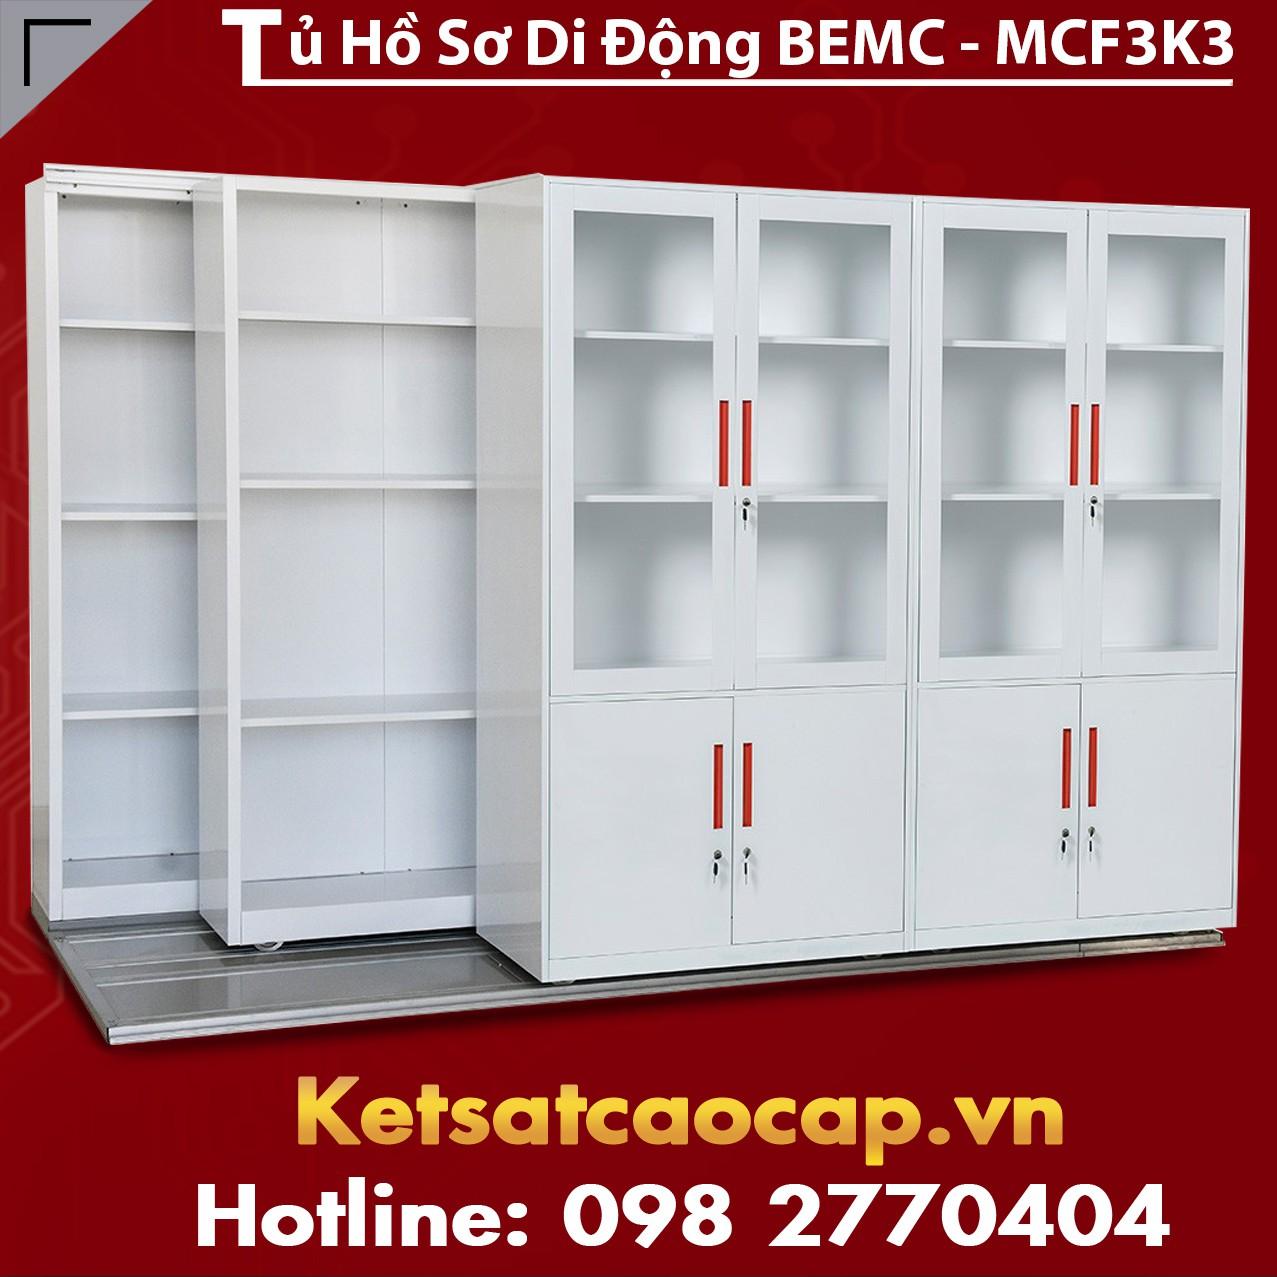 Tủ Thư Viện Di Động BEMC - MCF3K3